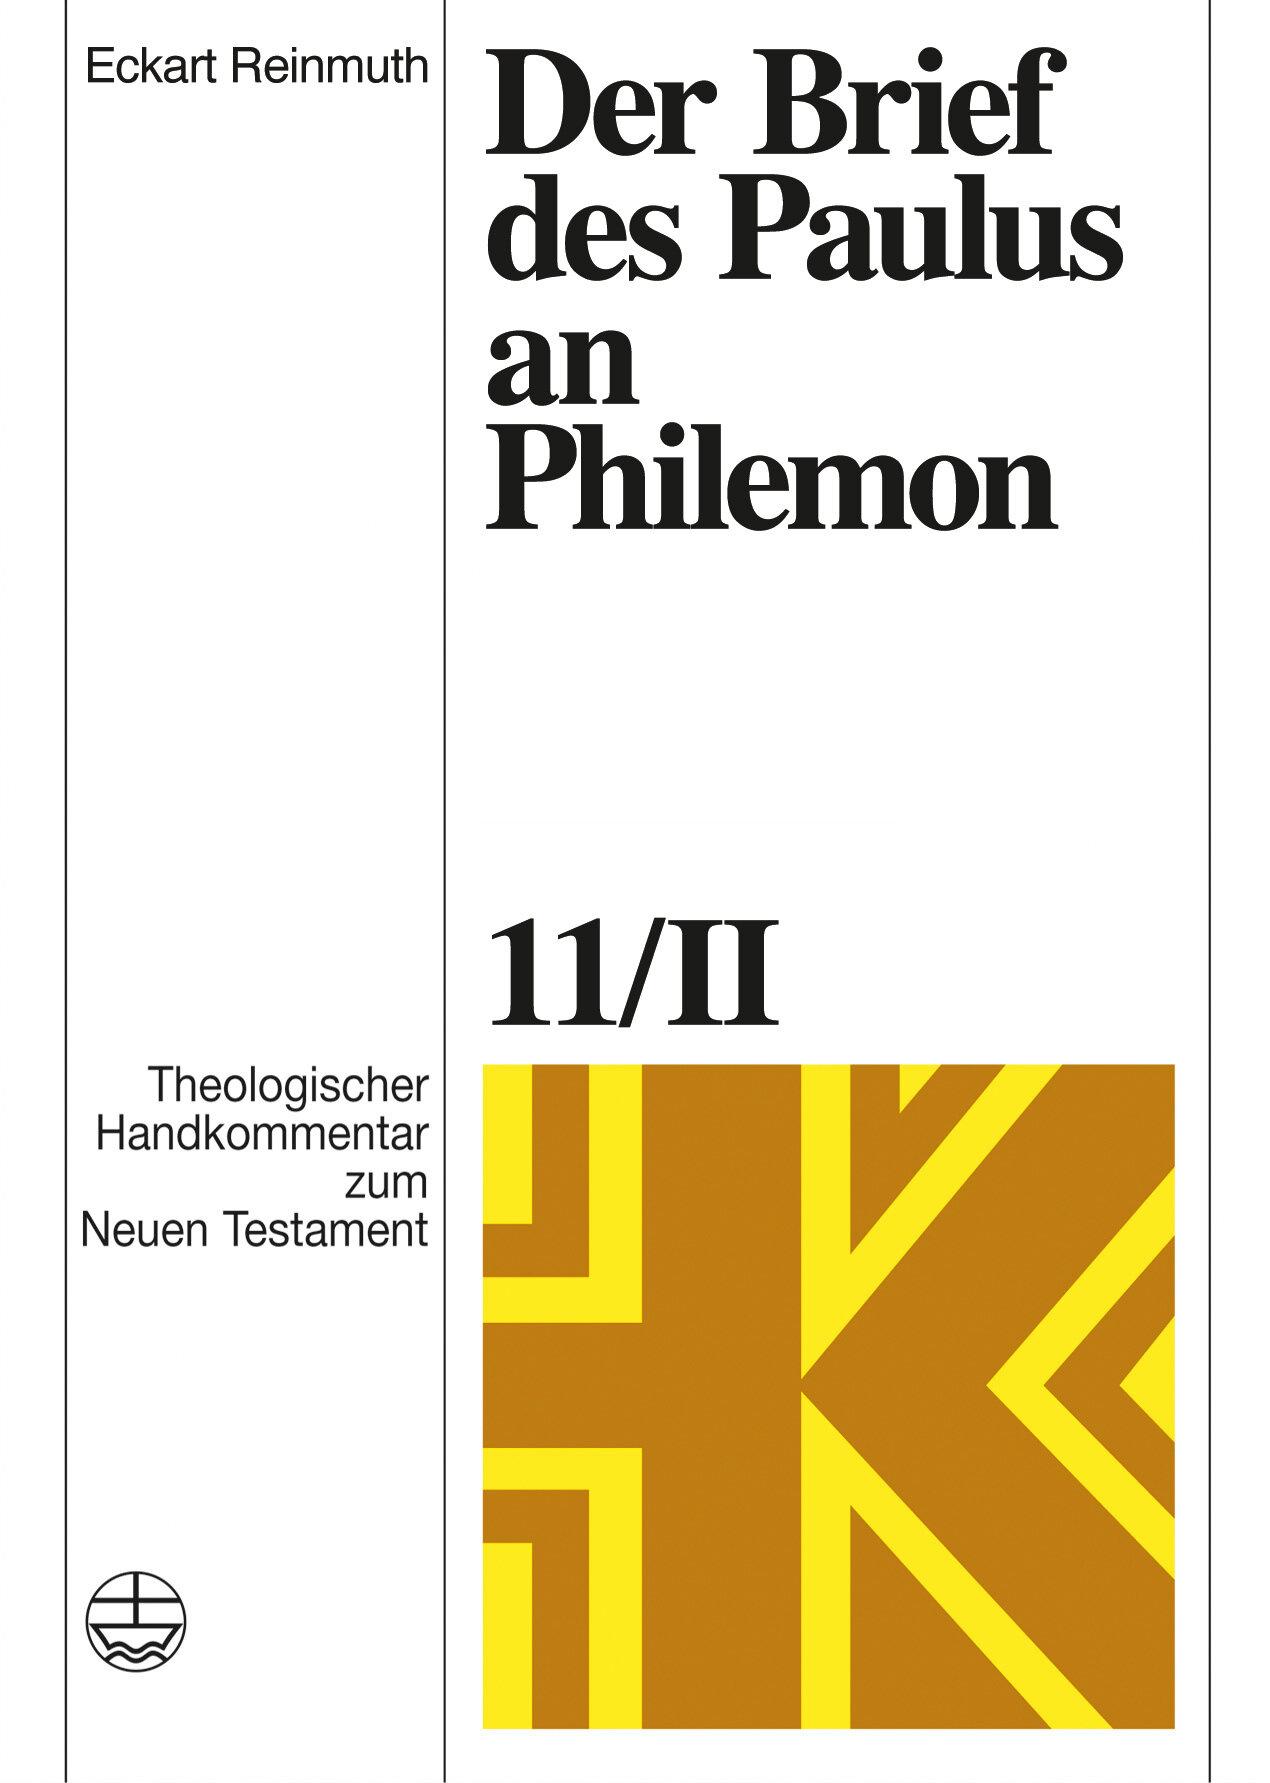 Der Brief des Paulus an Philemon (Theologischer Handkommentar zum Neuen Testament | ThHK)